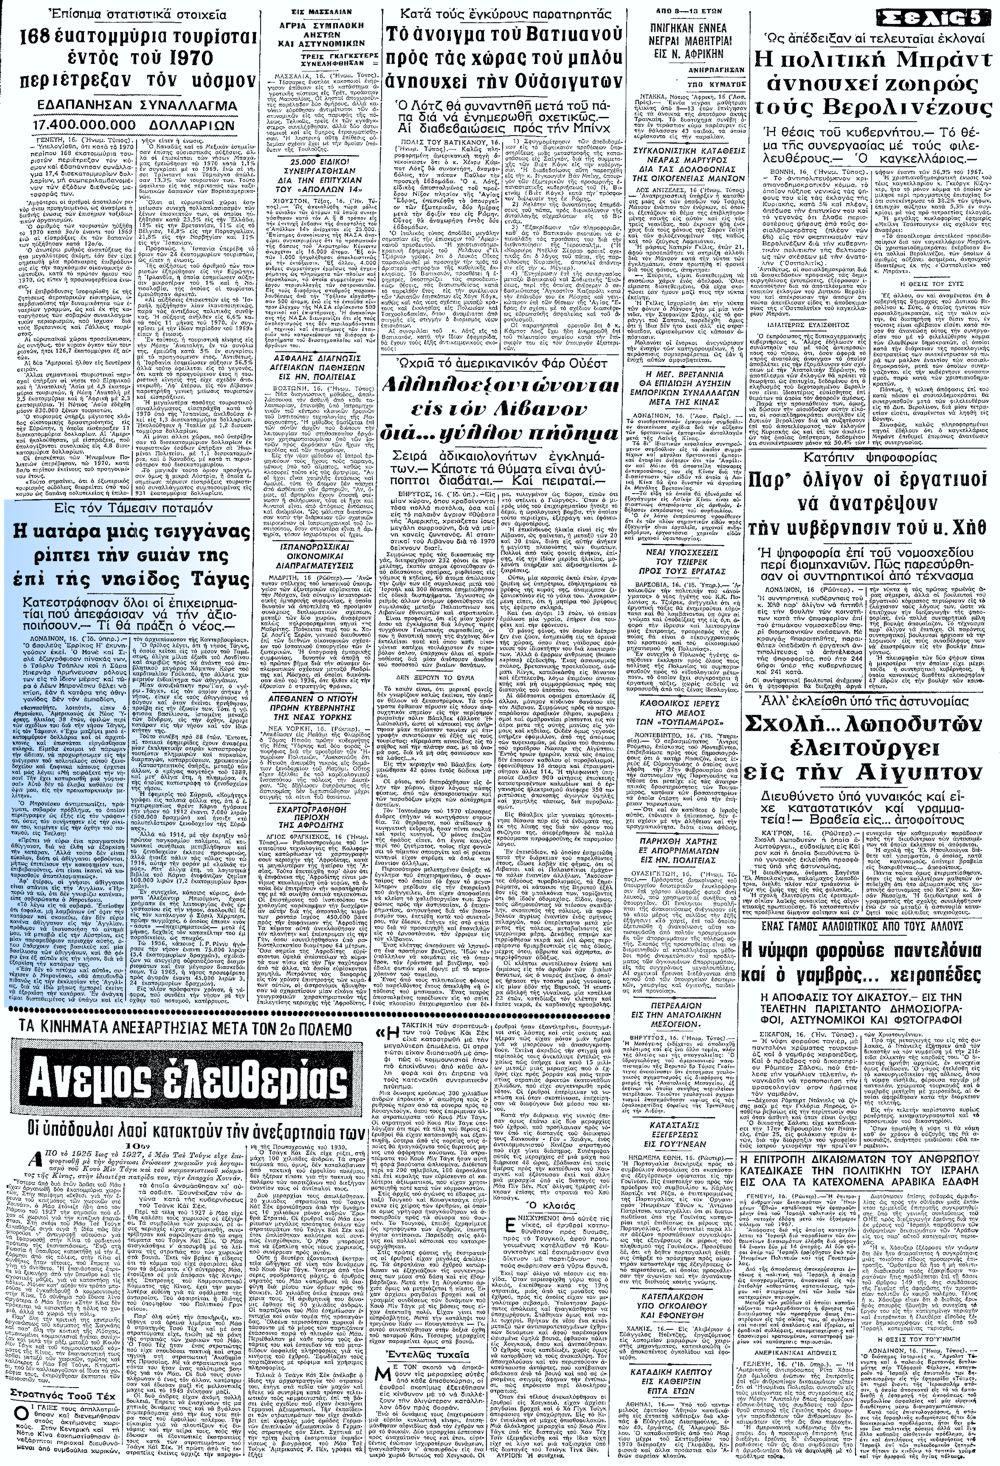 """Το άρθρο, όπως δημοσιεύθηκε στην εφημερίδα """"ΜΑΚΕΔΟΝΙΑ"""", στις 17/03/1971"""